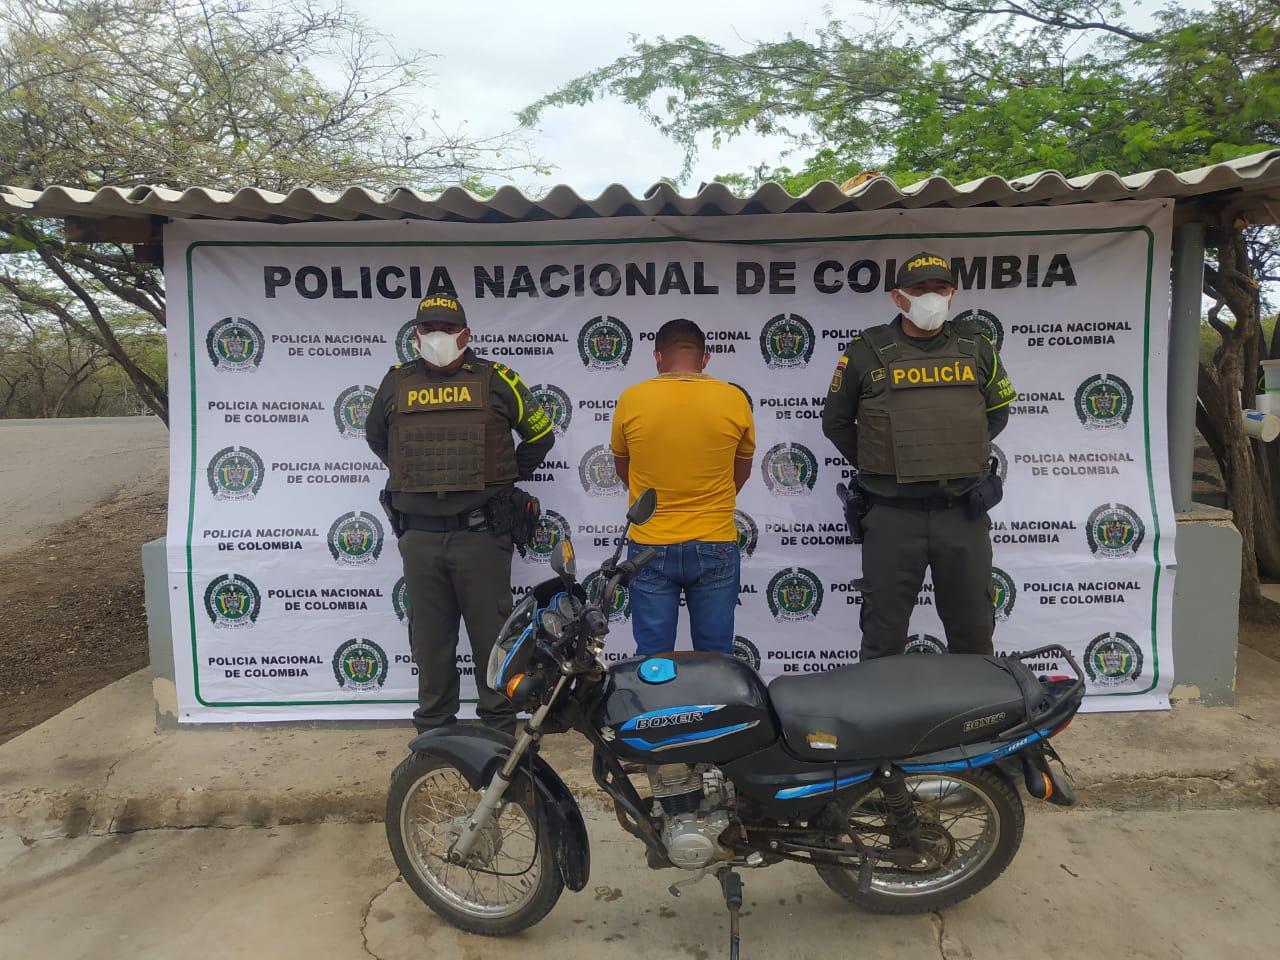 hoyennoticia.com, Pillados con motos chimbiadas en Riohacha y Maicao